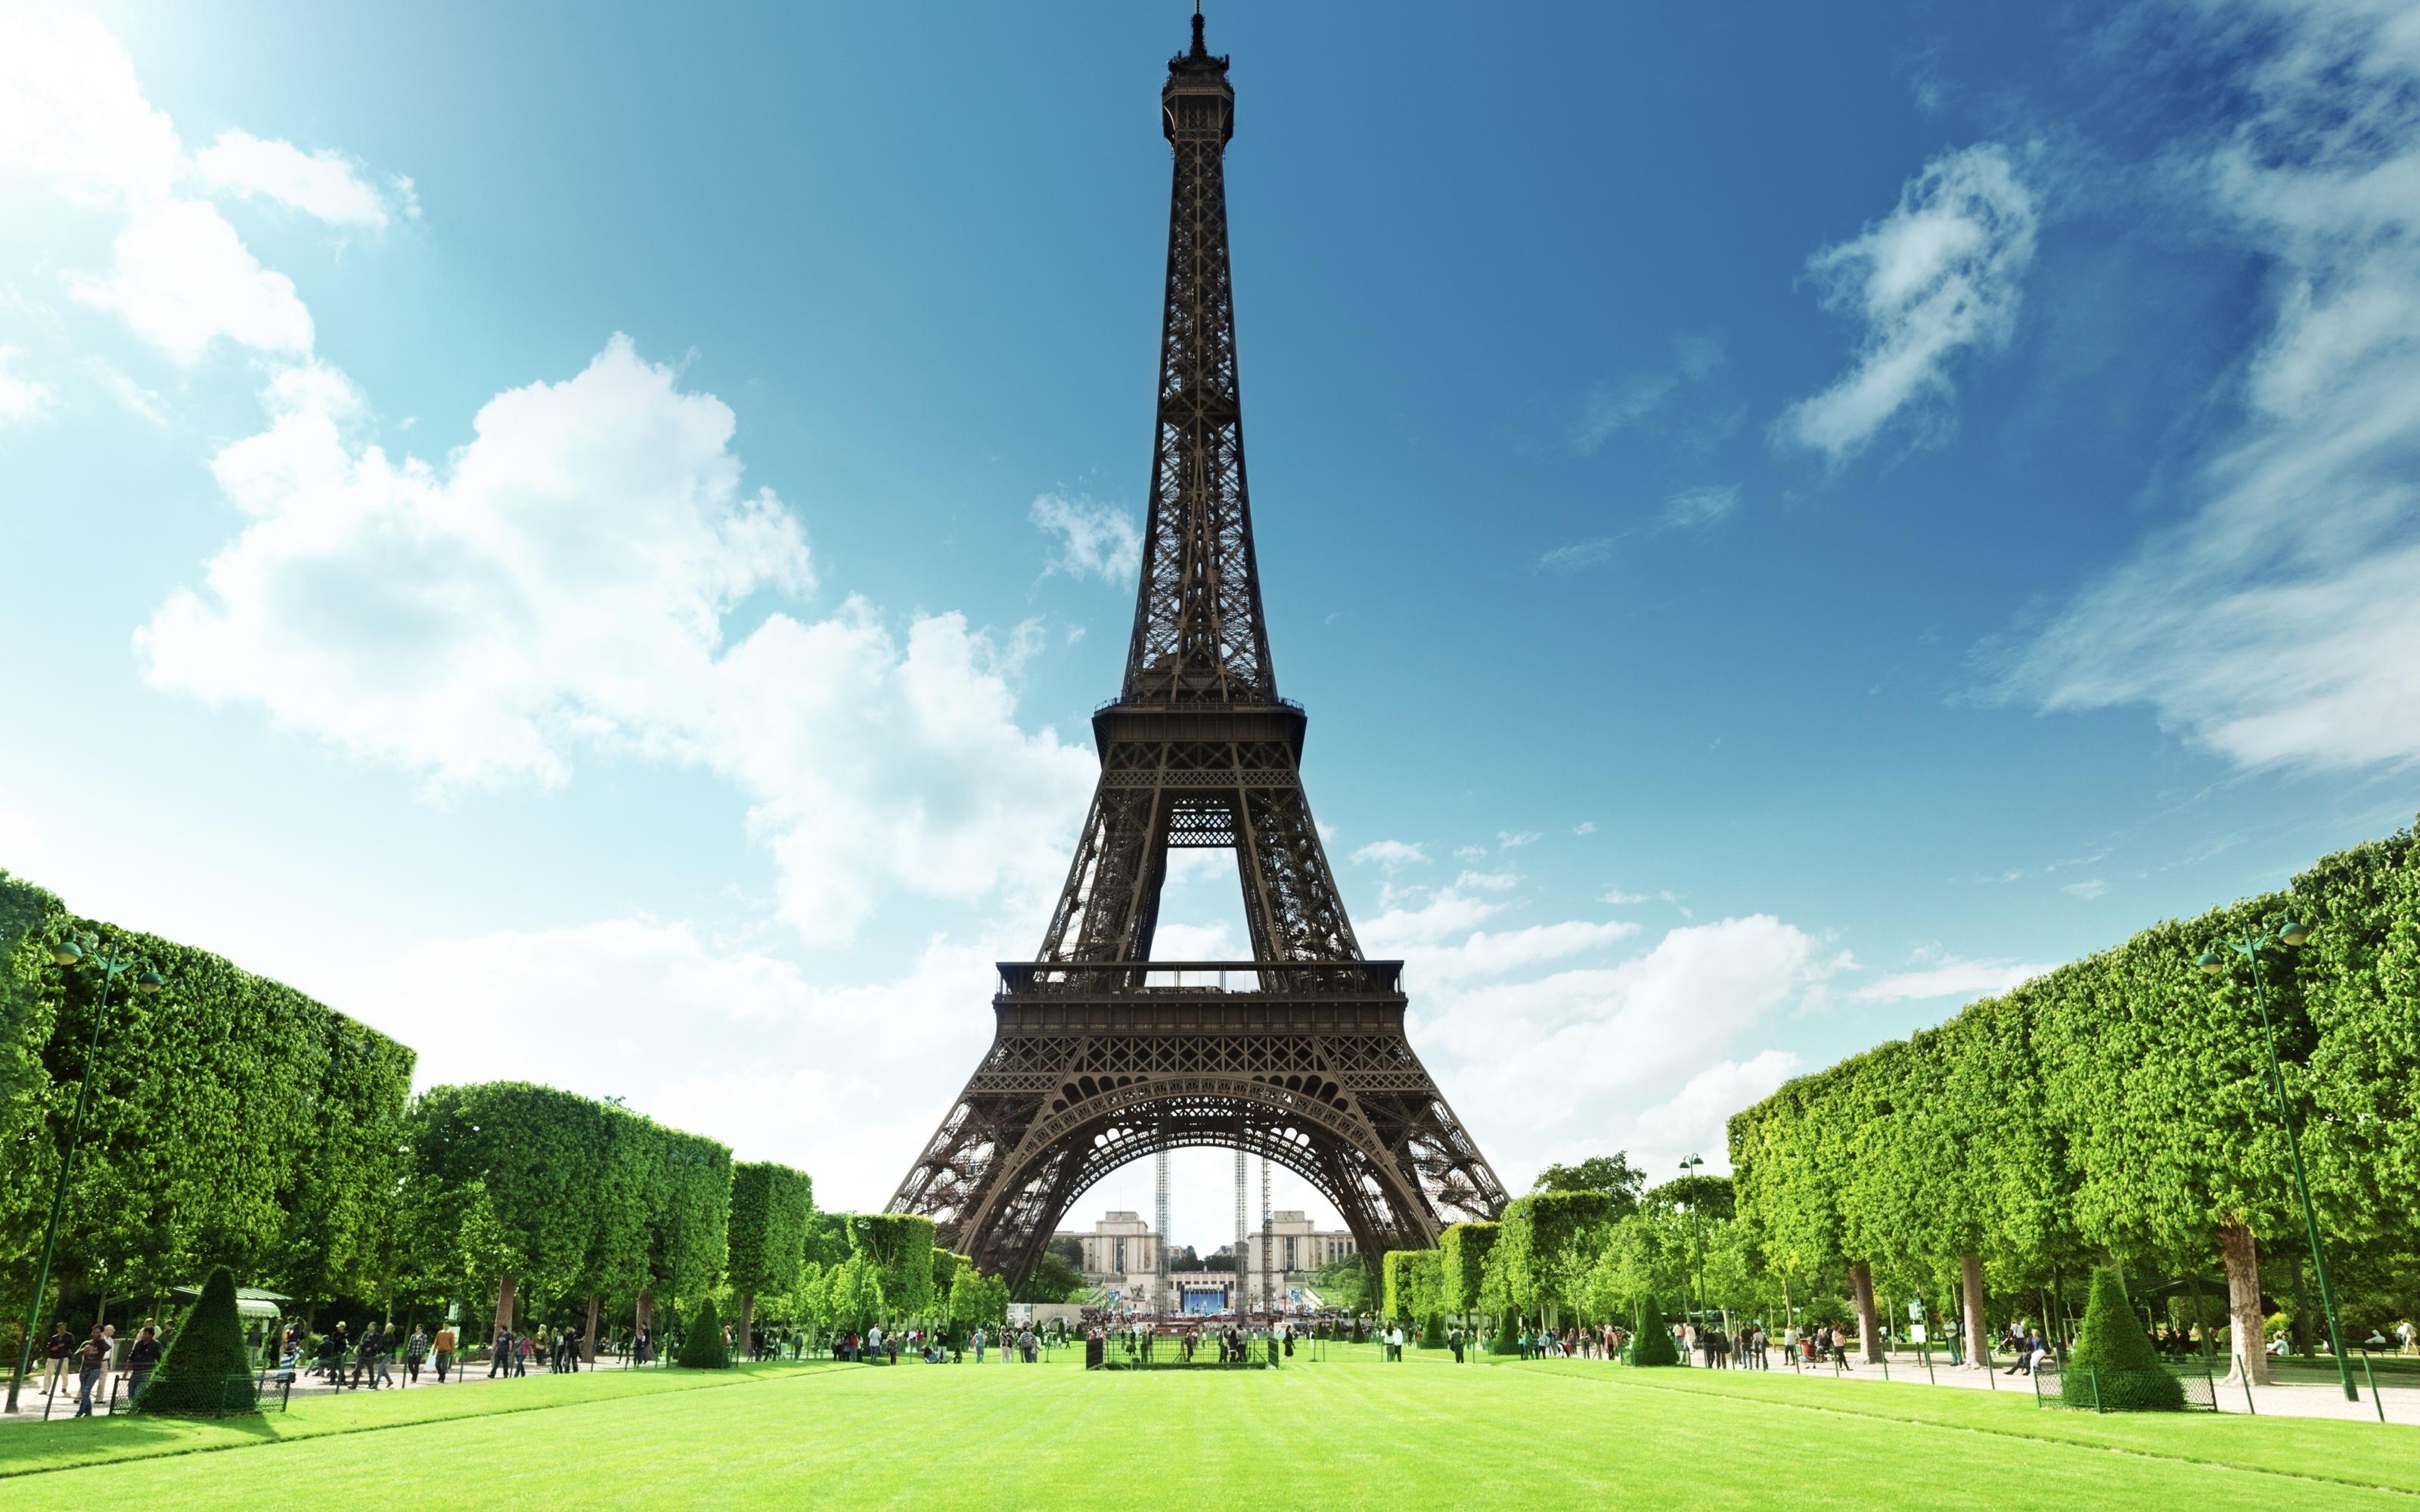 алюминия применяют эйфелева башня фото высокого разрешения холодильники могут быть